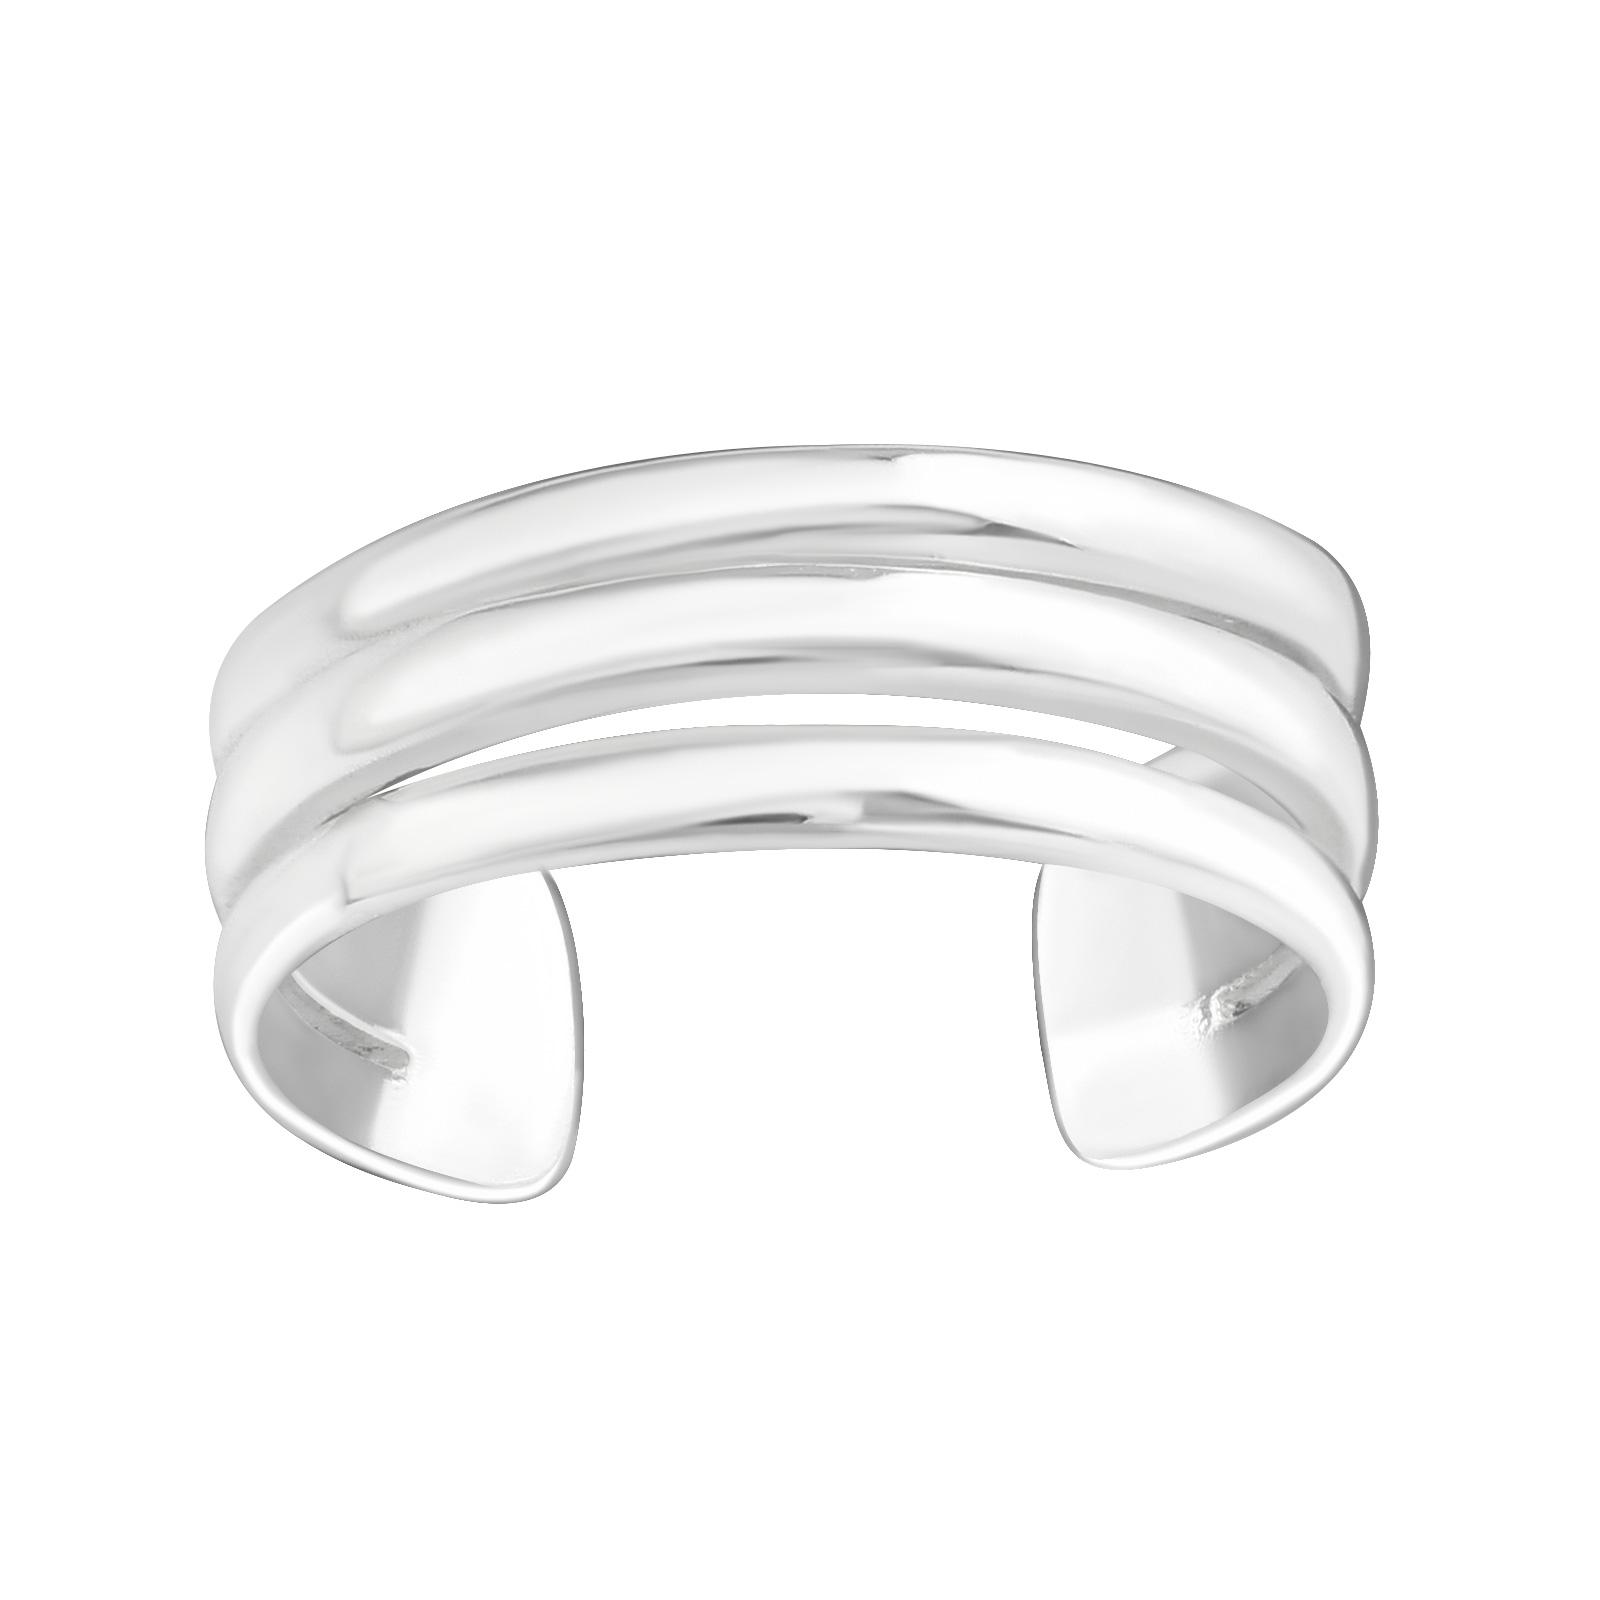 OLIVIE Strieborný prsteň na nohu 3 línie 2224 Ag 925; ≤1,4 g.